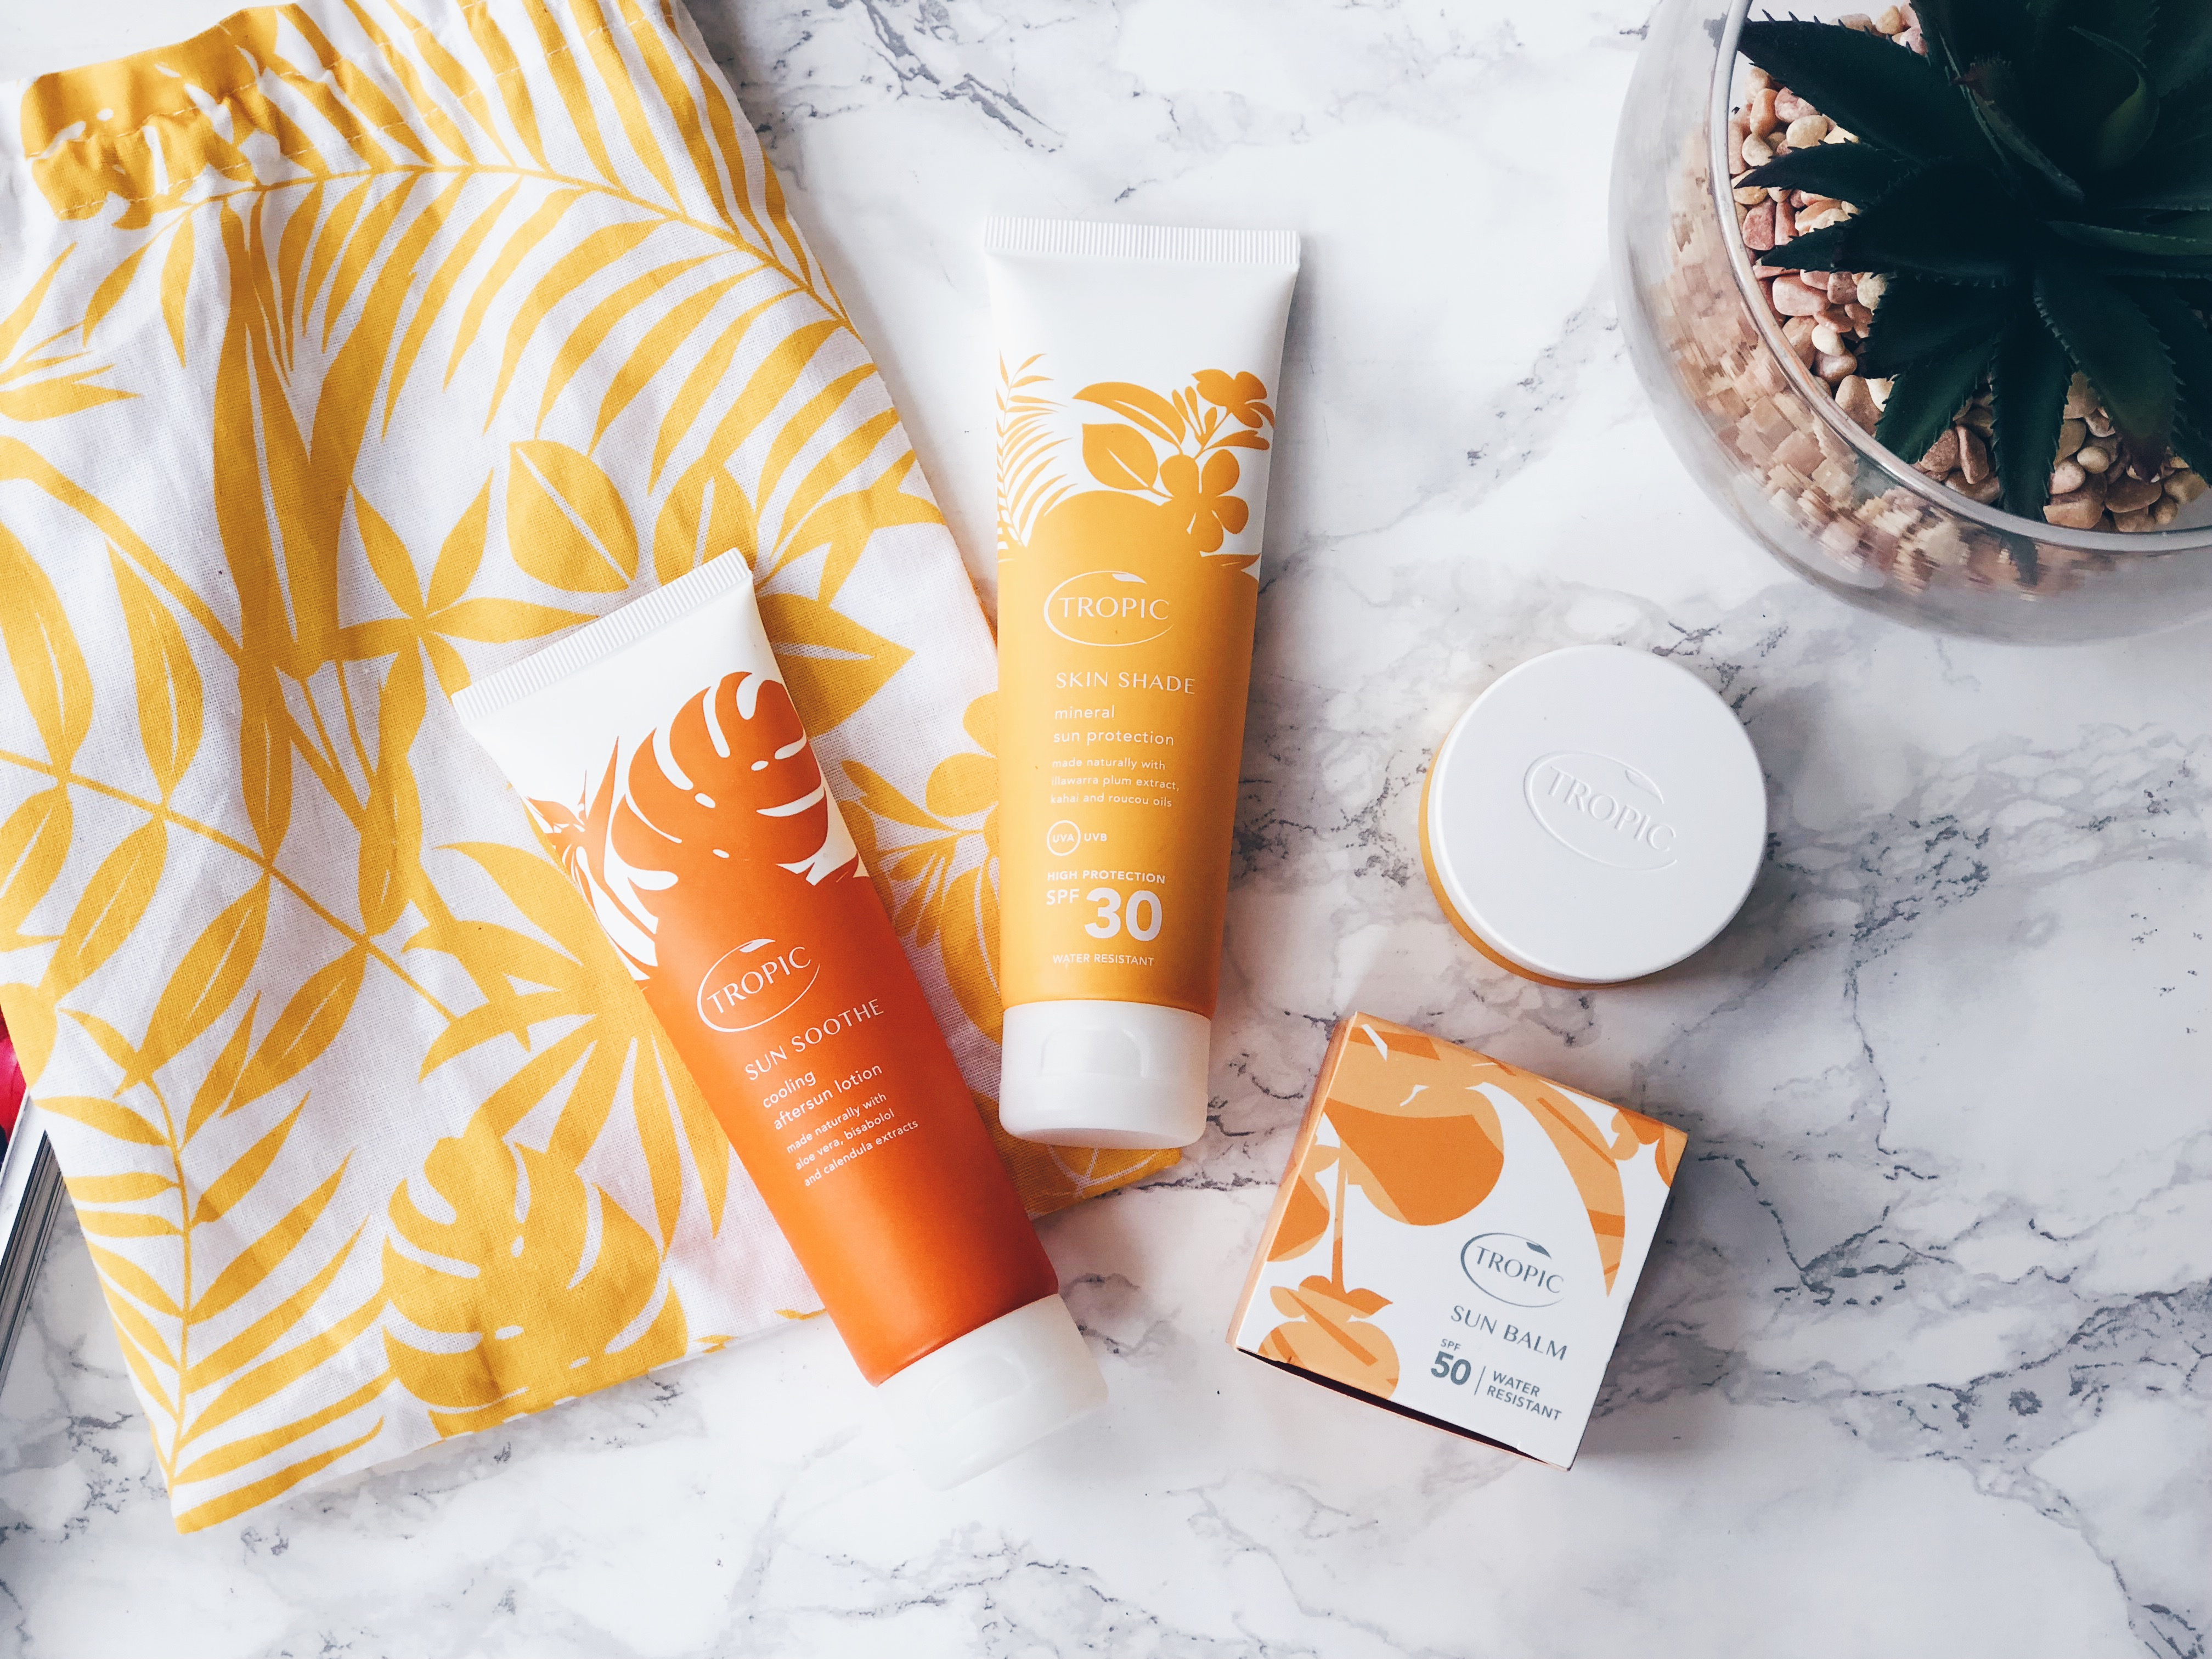 Tropic Skincare Suncare Kit